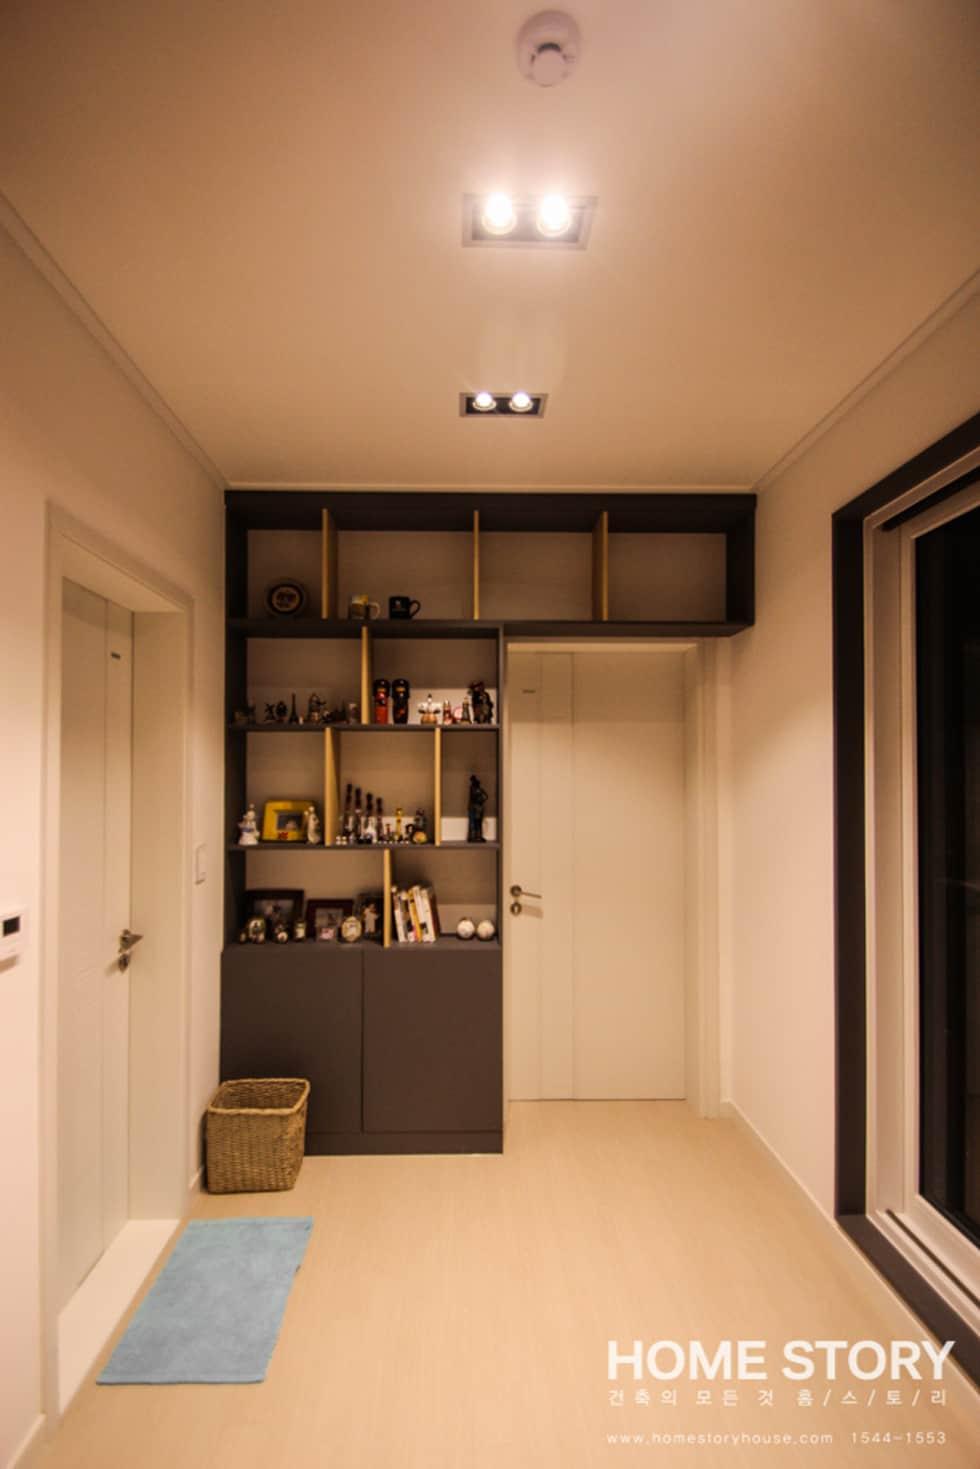 [포항주택] 도심 속 모던 ALC주택, 포항 테라스 하우스 Terrace House: (주)홈스토리의 복도 & 현관